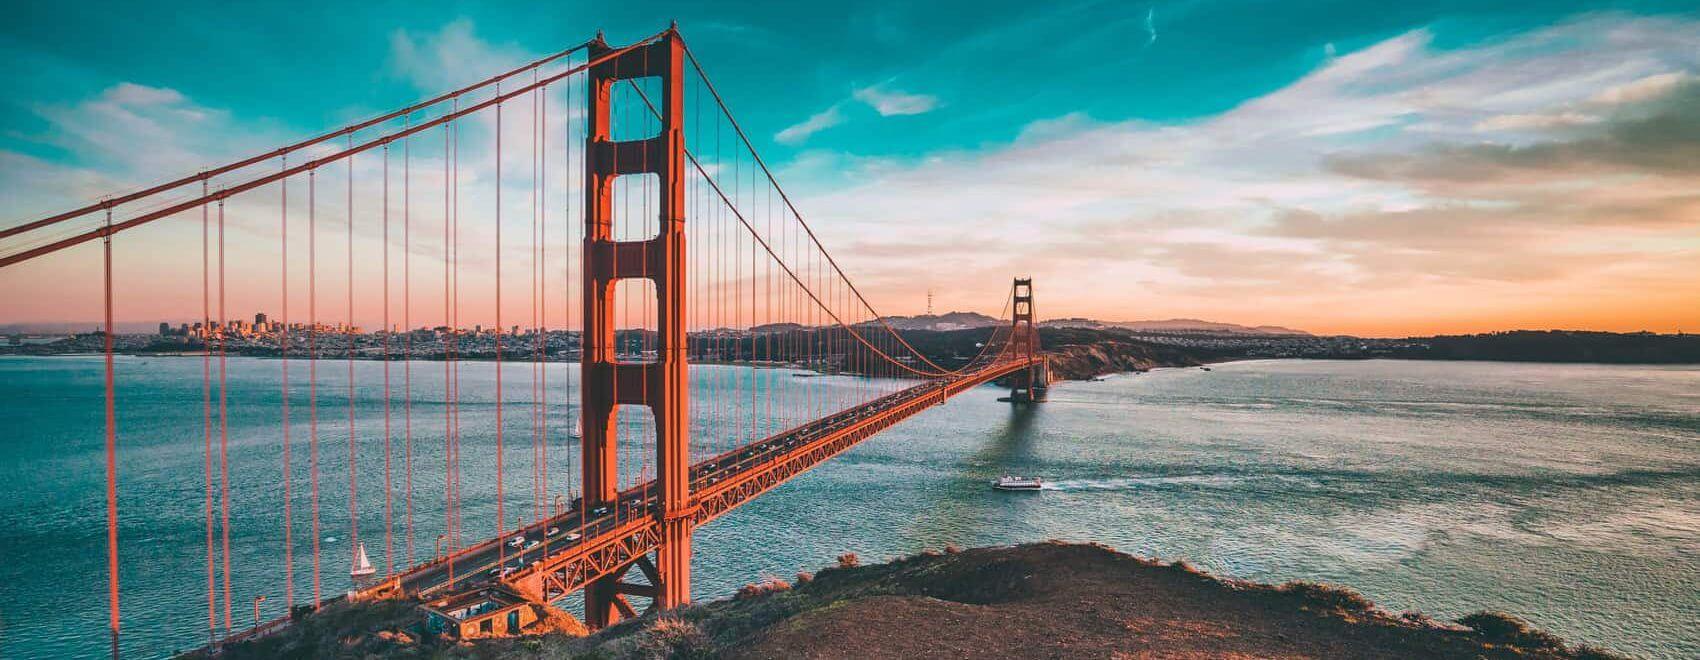 Cruise under Golden Gate Bridge San Francisco California